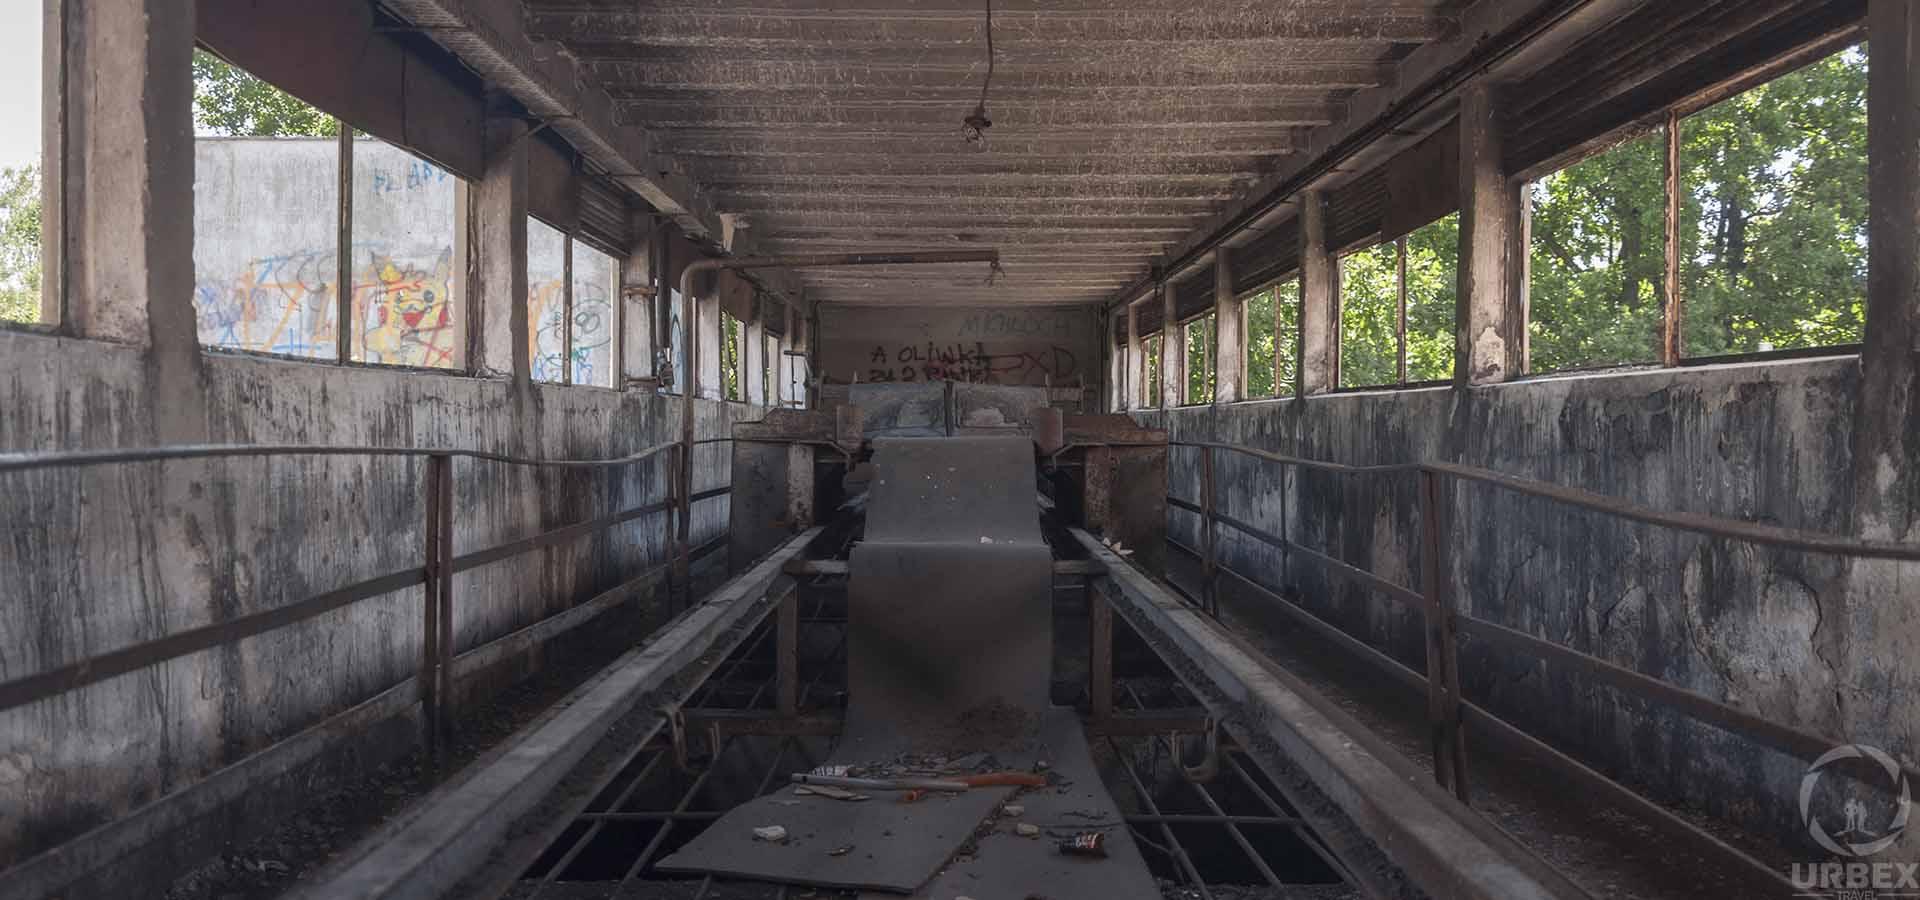 abandoned boiler room urbex in Warsaw Zielonka